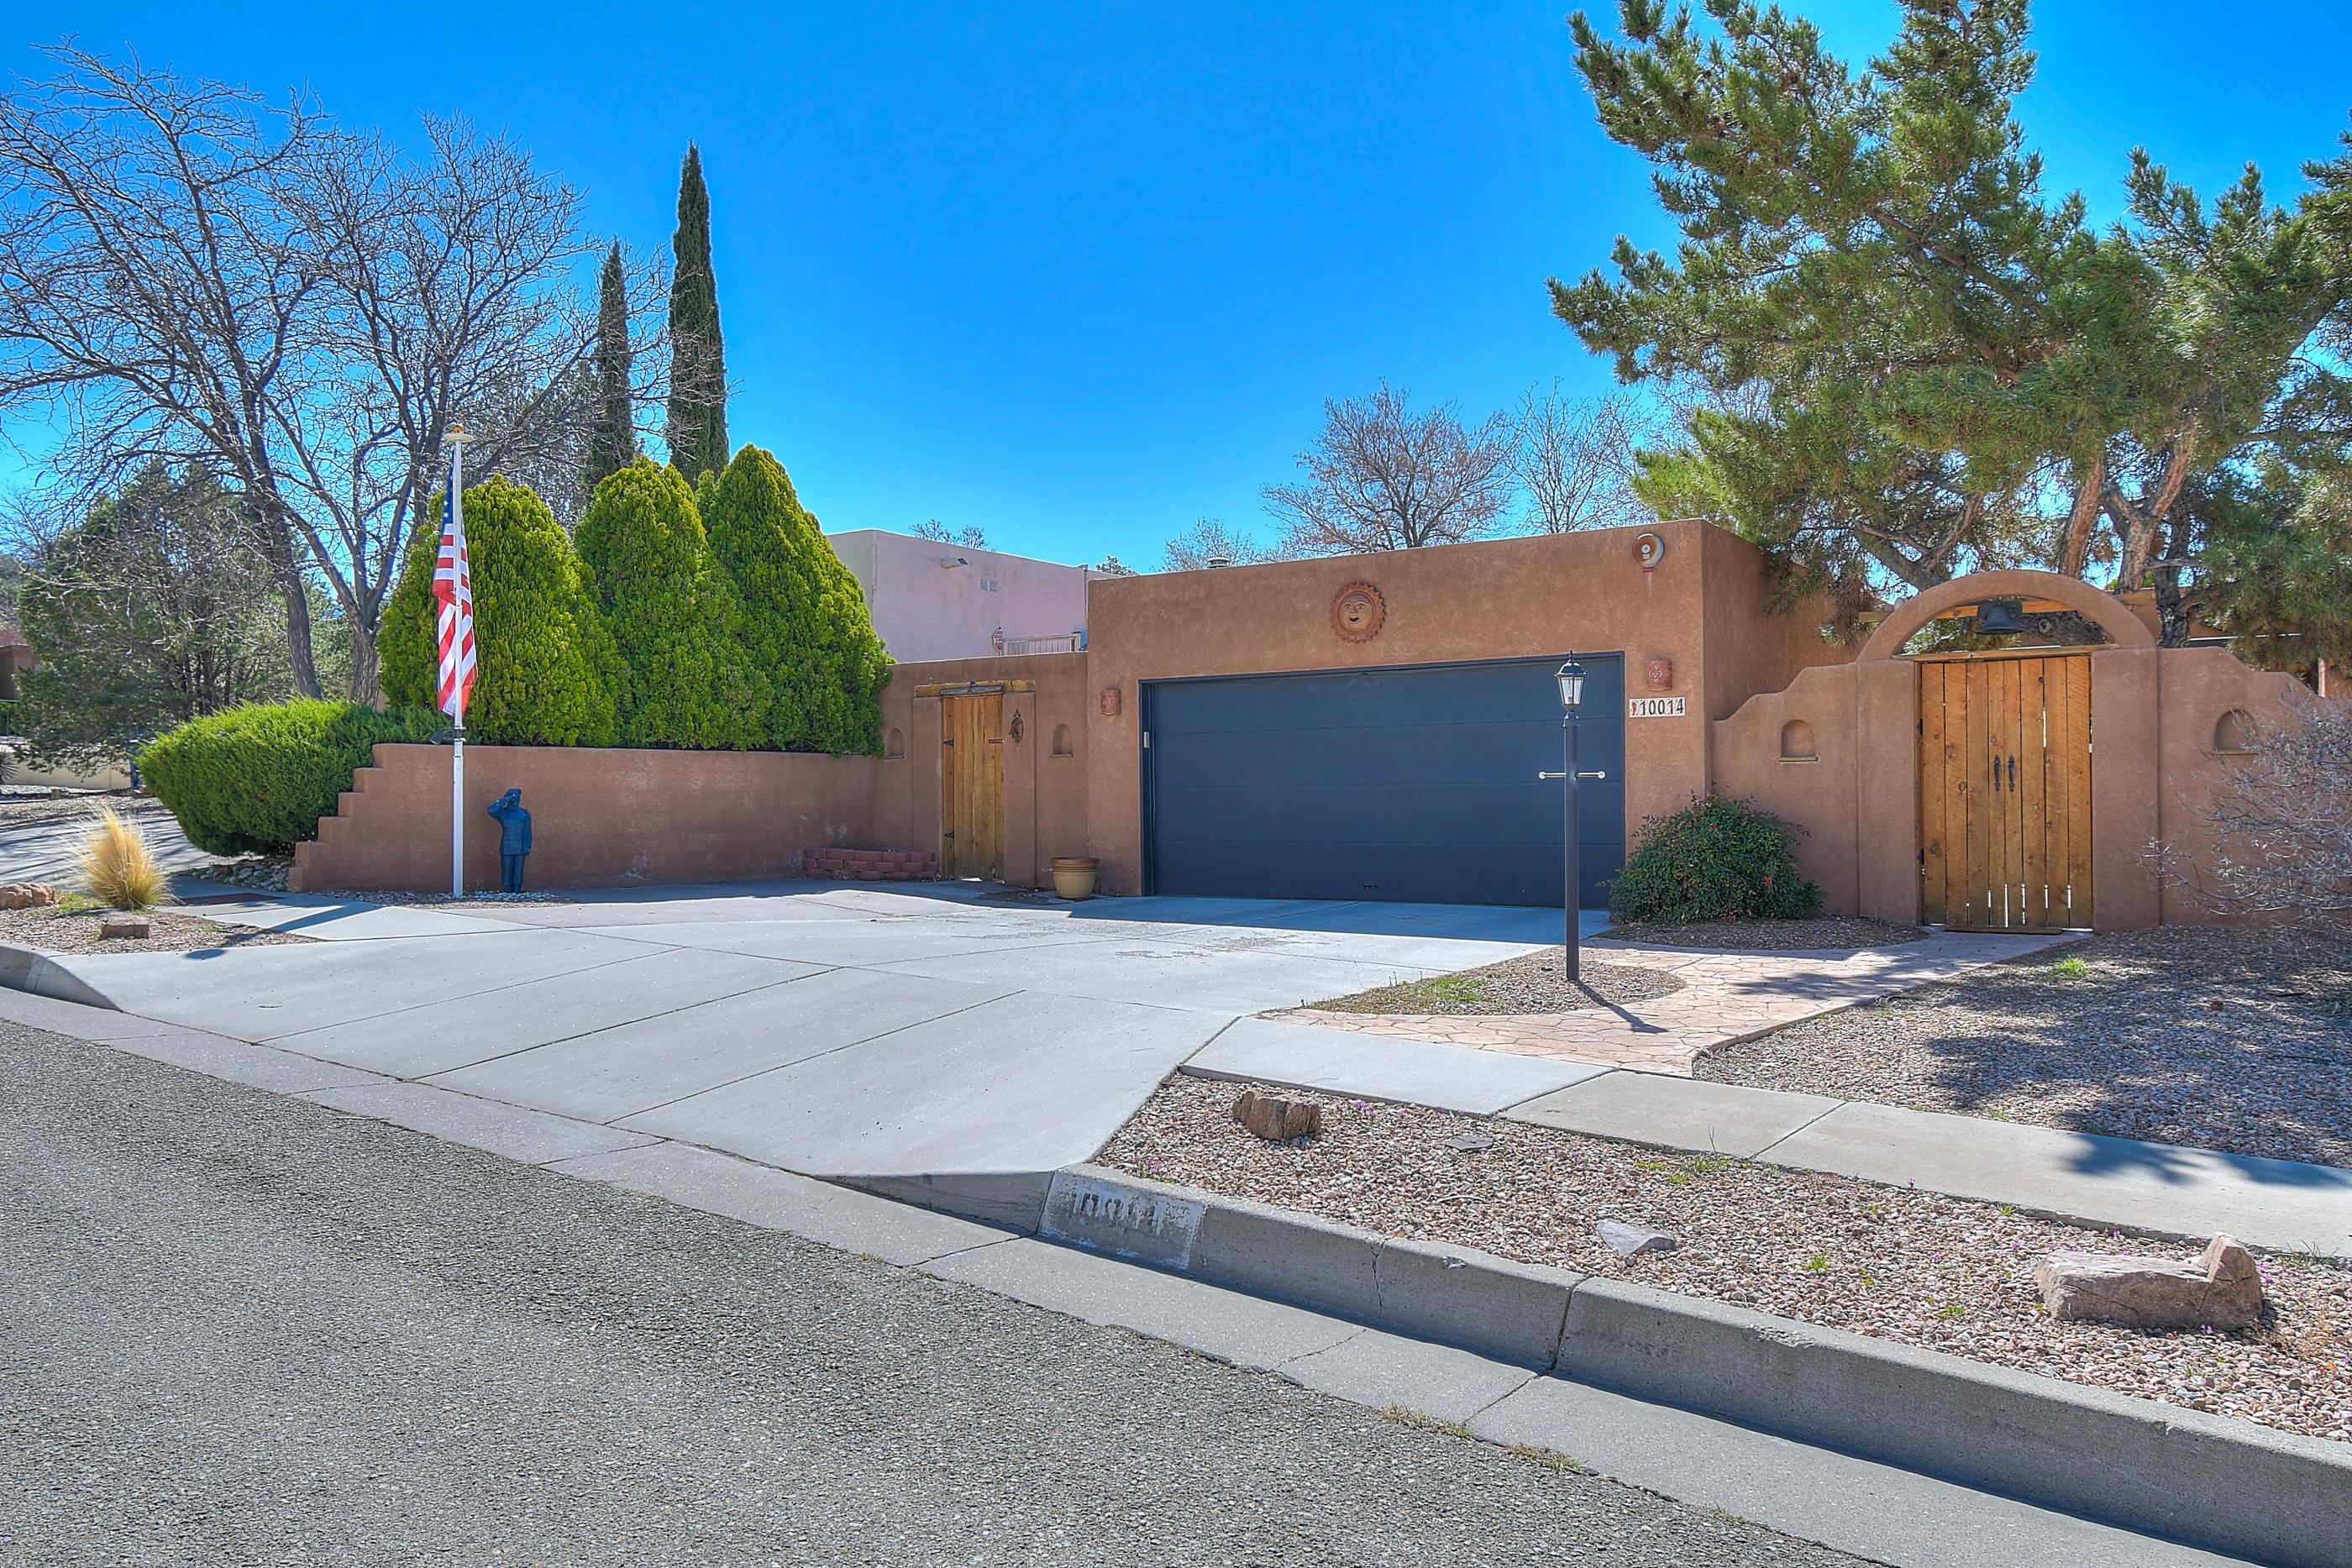 10014 DENALI Road, Albuquerque NM 87111